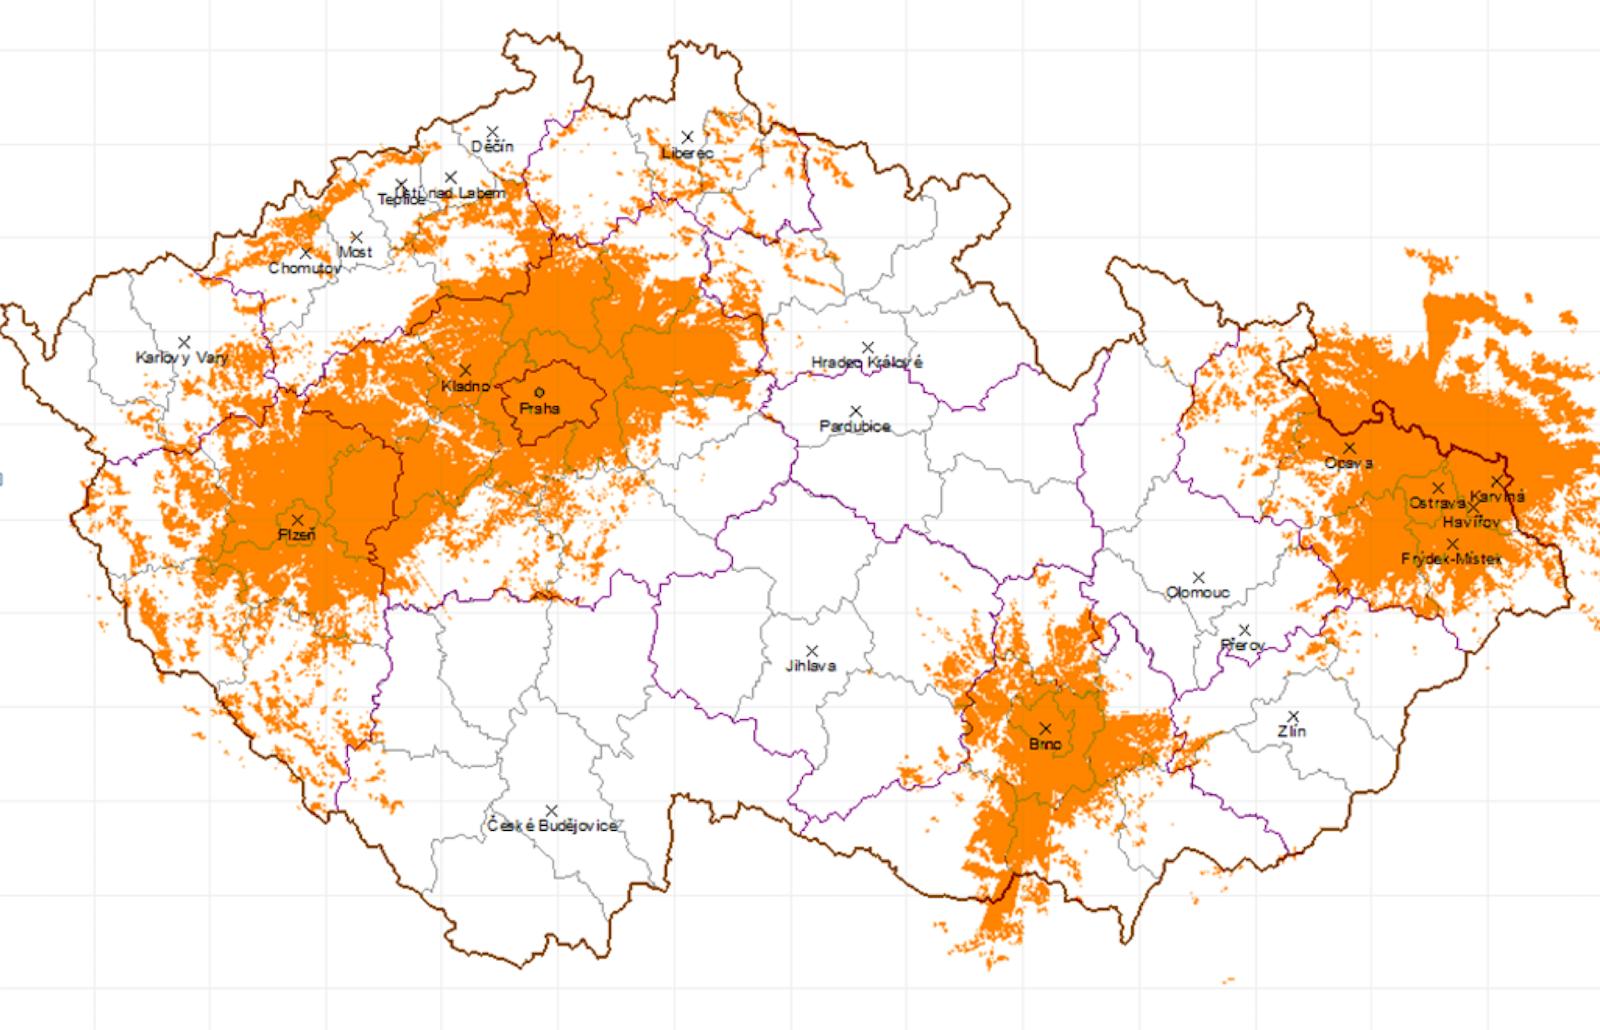 Předpokládaný dosah řádného digitálního vysílání Českého rozhlasu v listopadu 2017